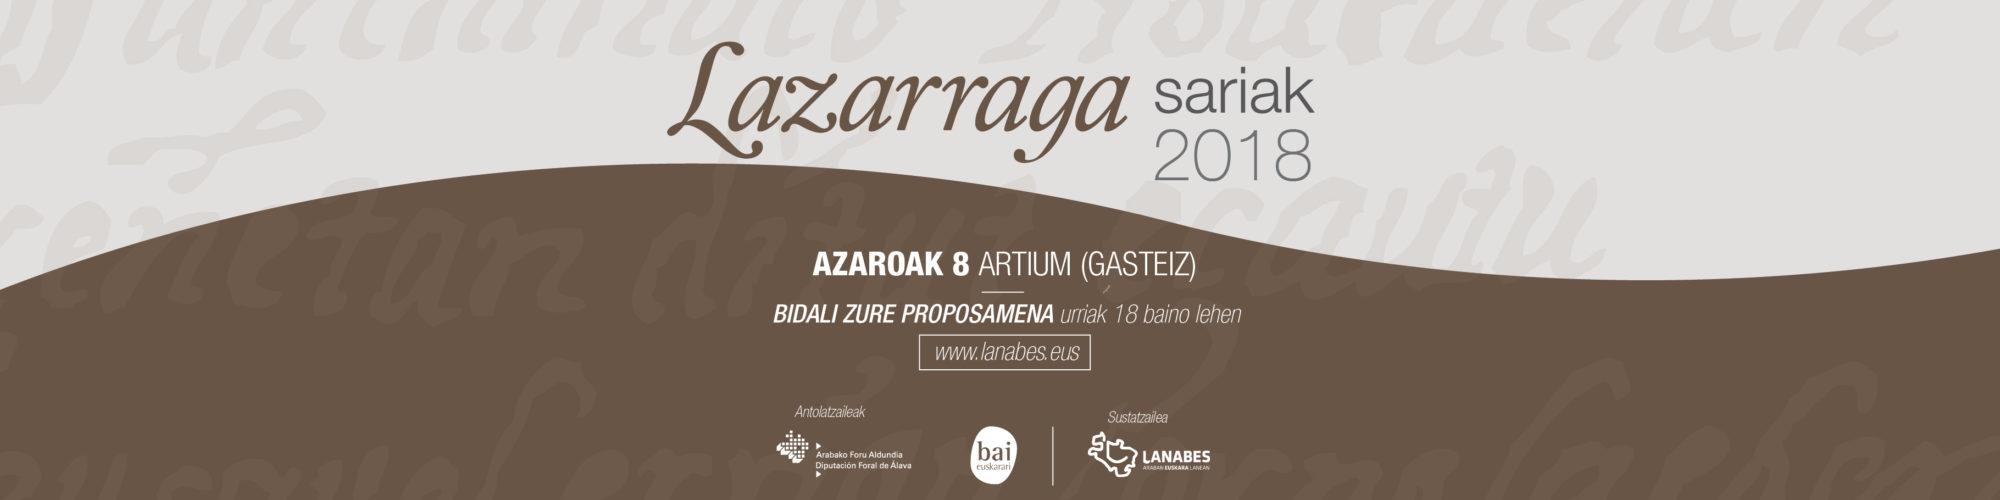 lazarraga-sariak-2018